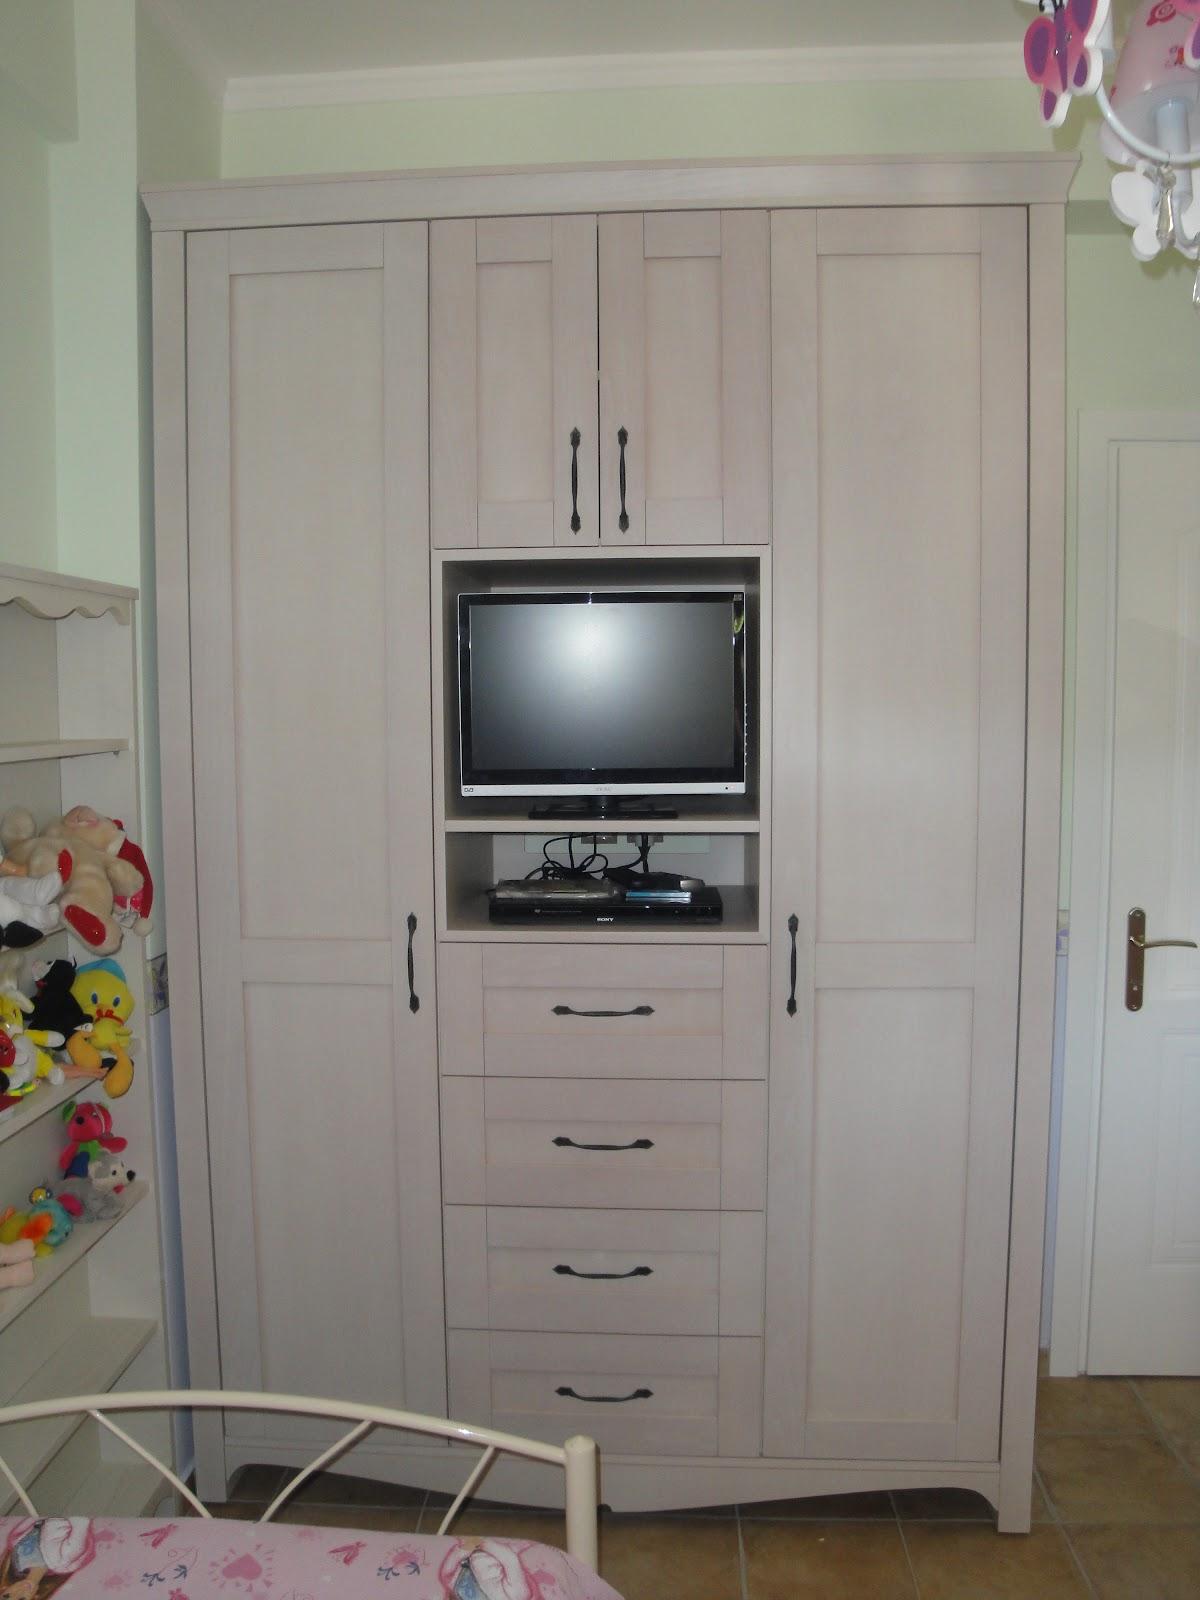 (Κωδ: 3011) Ντουλάπα σε εξοχικό για μικρό παιδικό δωμάτιο.